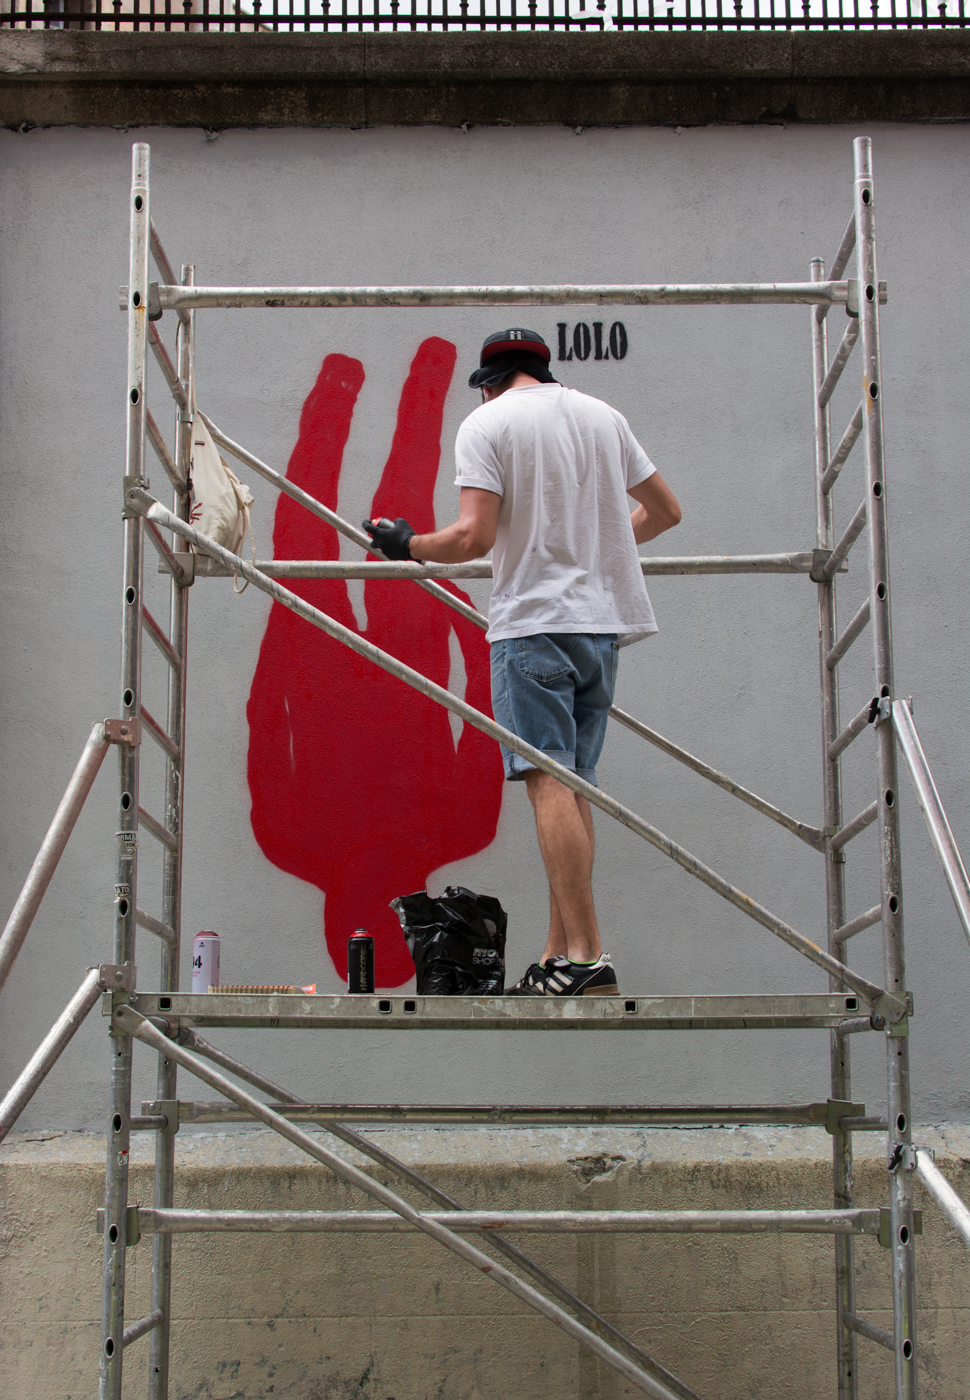 Lolo - MurosTabacalera by Guillermo de la Madrid - Madrid Street Art Project-0889.jpg